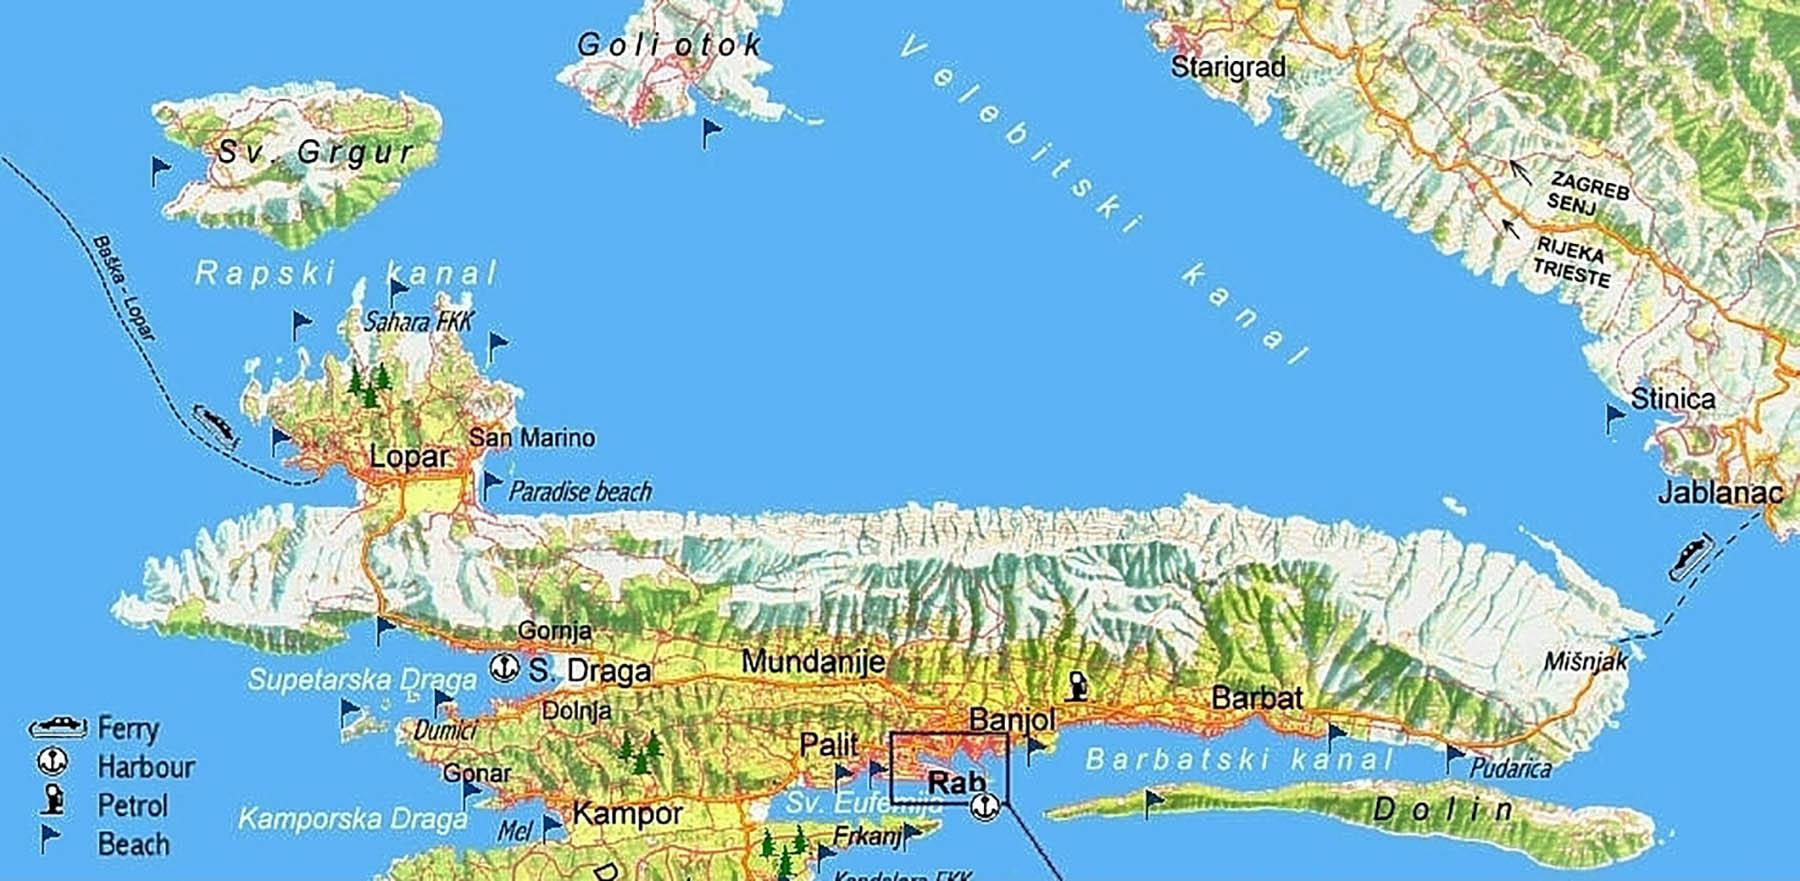 kroatien karte inseln Insel Rab | Kroatien Reiseführer √   Kroati.de kroatien karte inseln